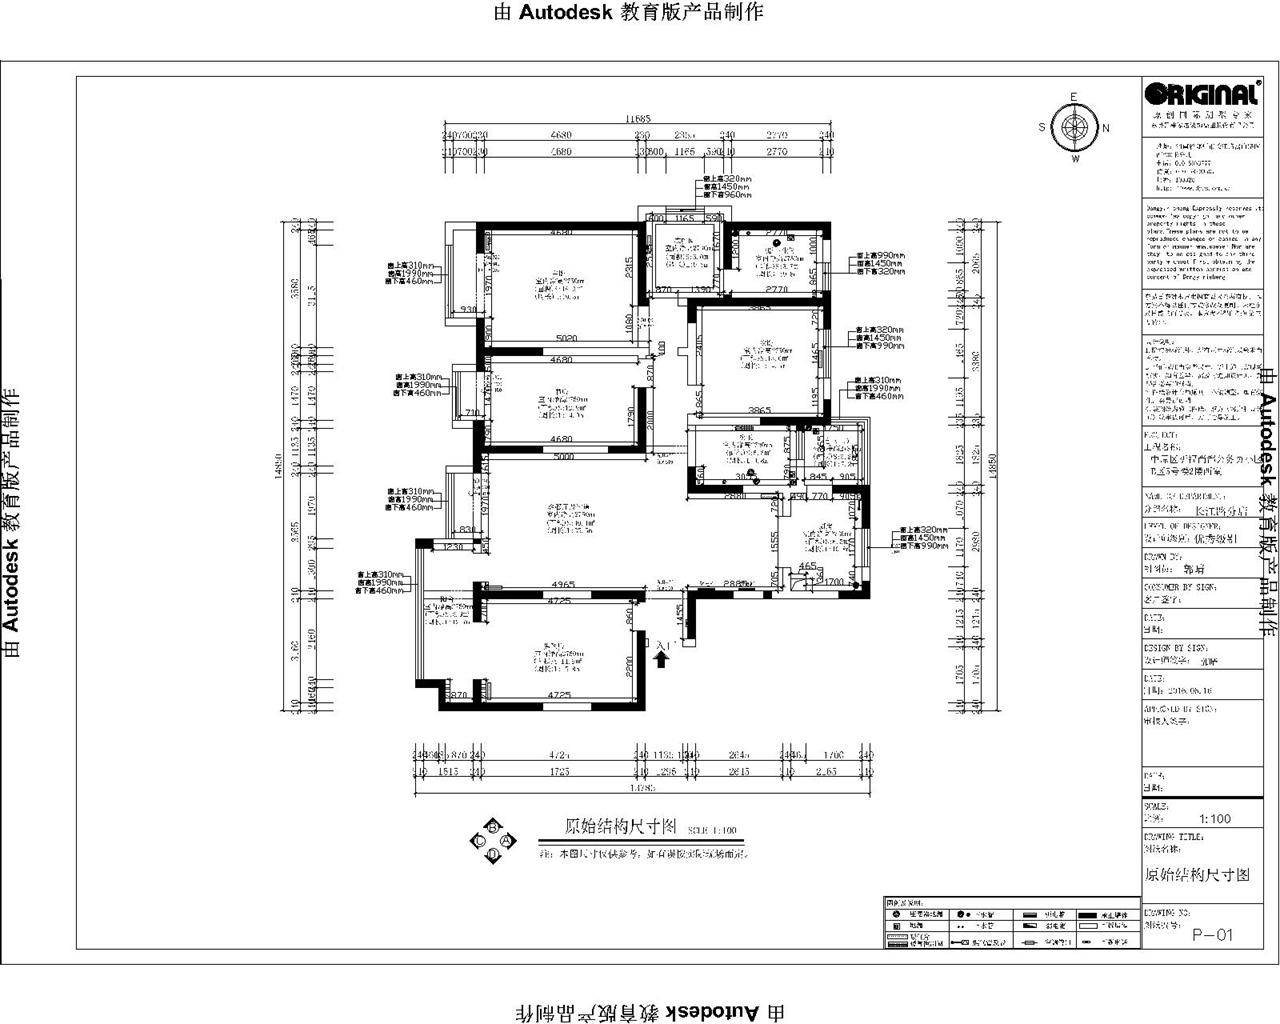 启福尚都简美风格180㎡四室两厅装修设计理念